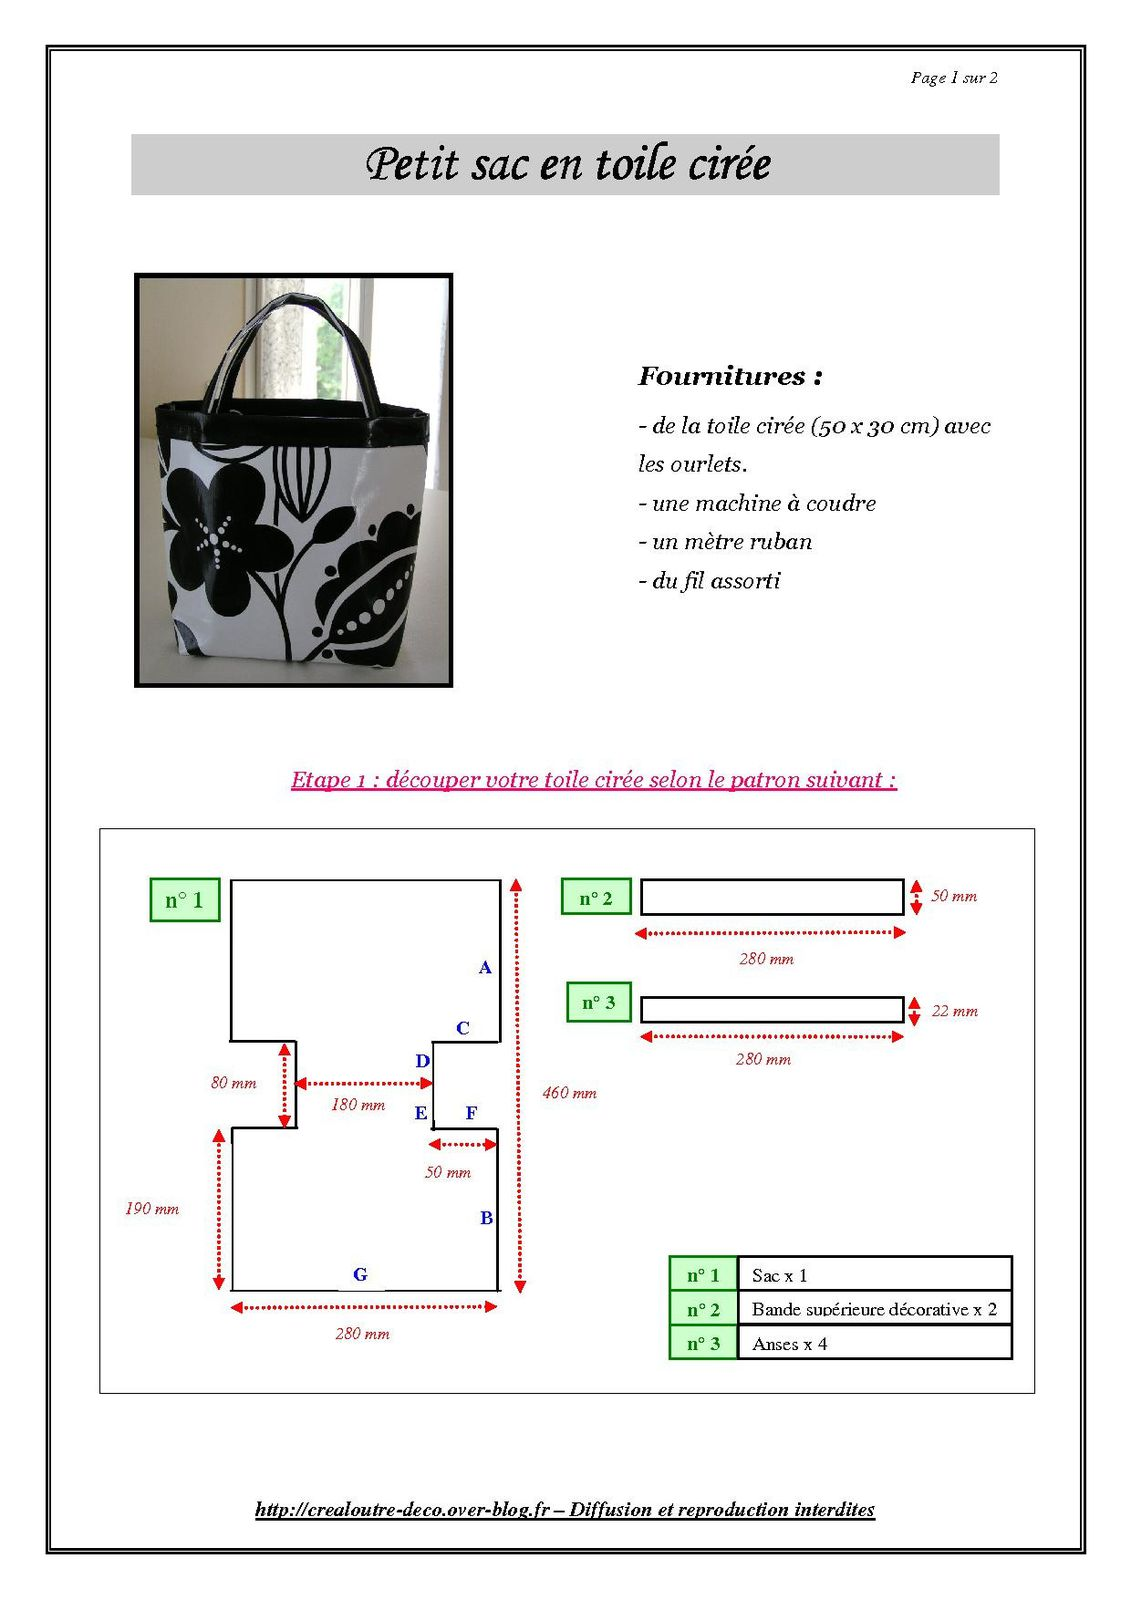 Tutoriel pour petit sac en toile cir e crealoutre - Comment faire un organisateur de sac ...